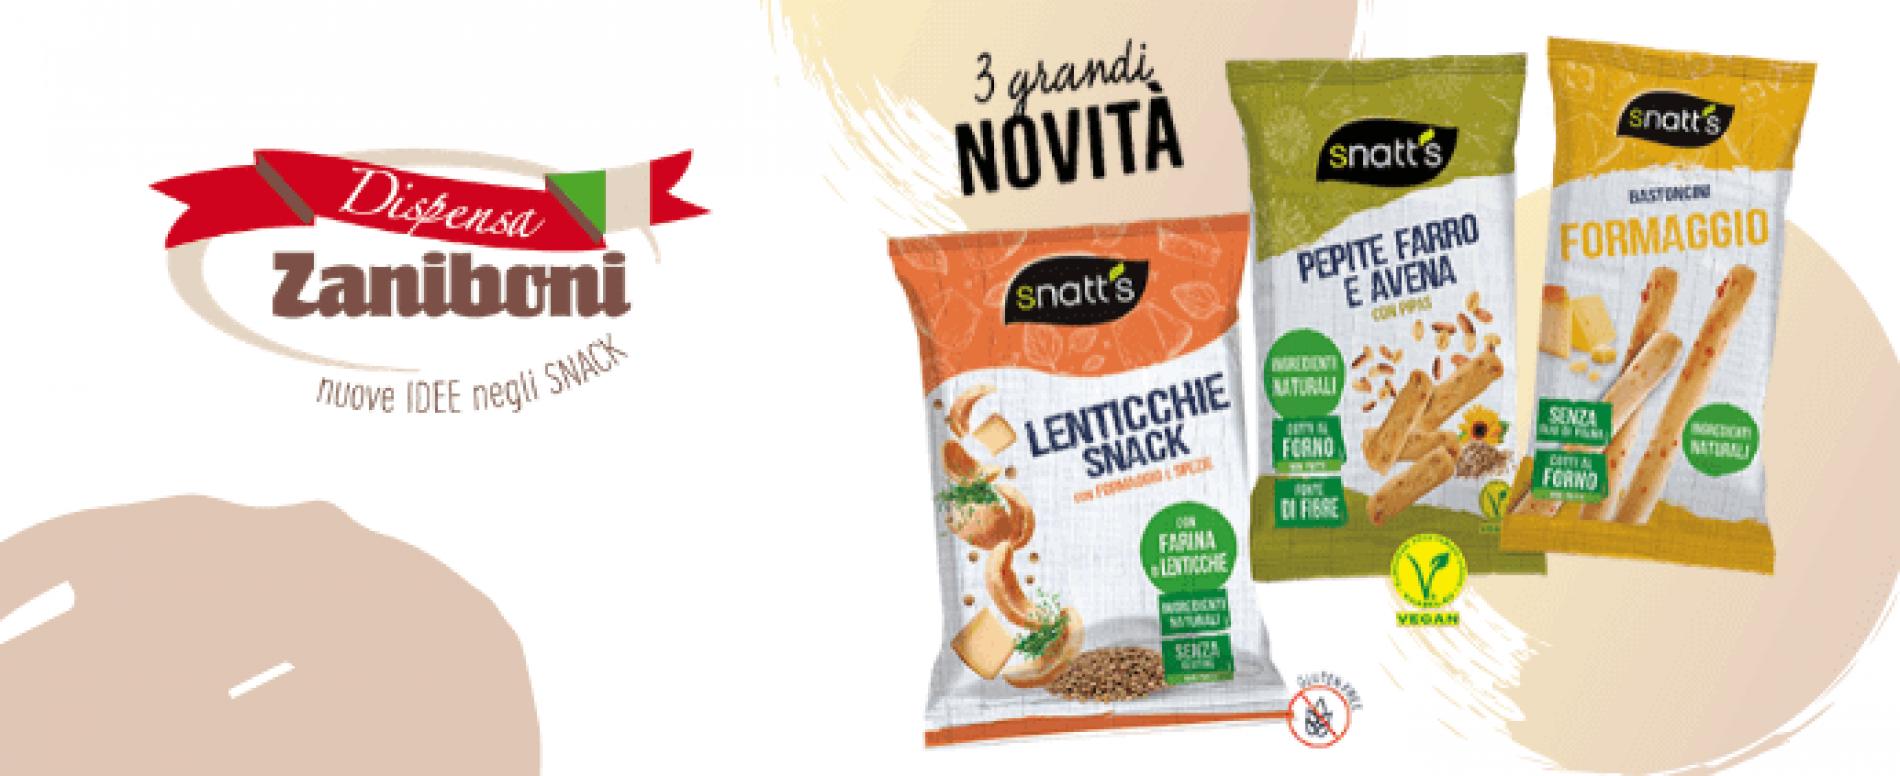 Dispensa Zaniboni. 3 nuovi snack della linea Snatt's realizzati con farine alternative